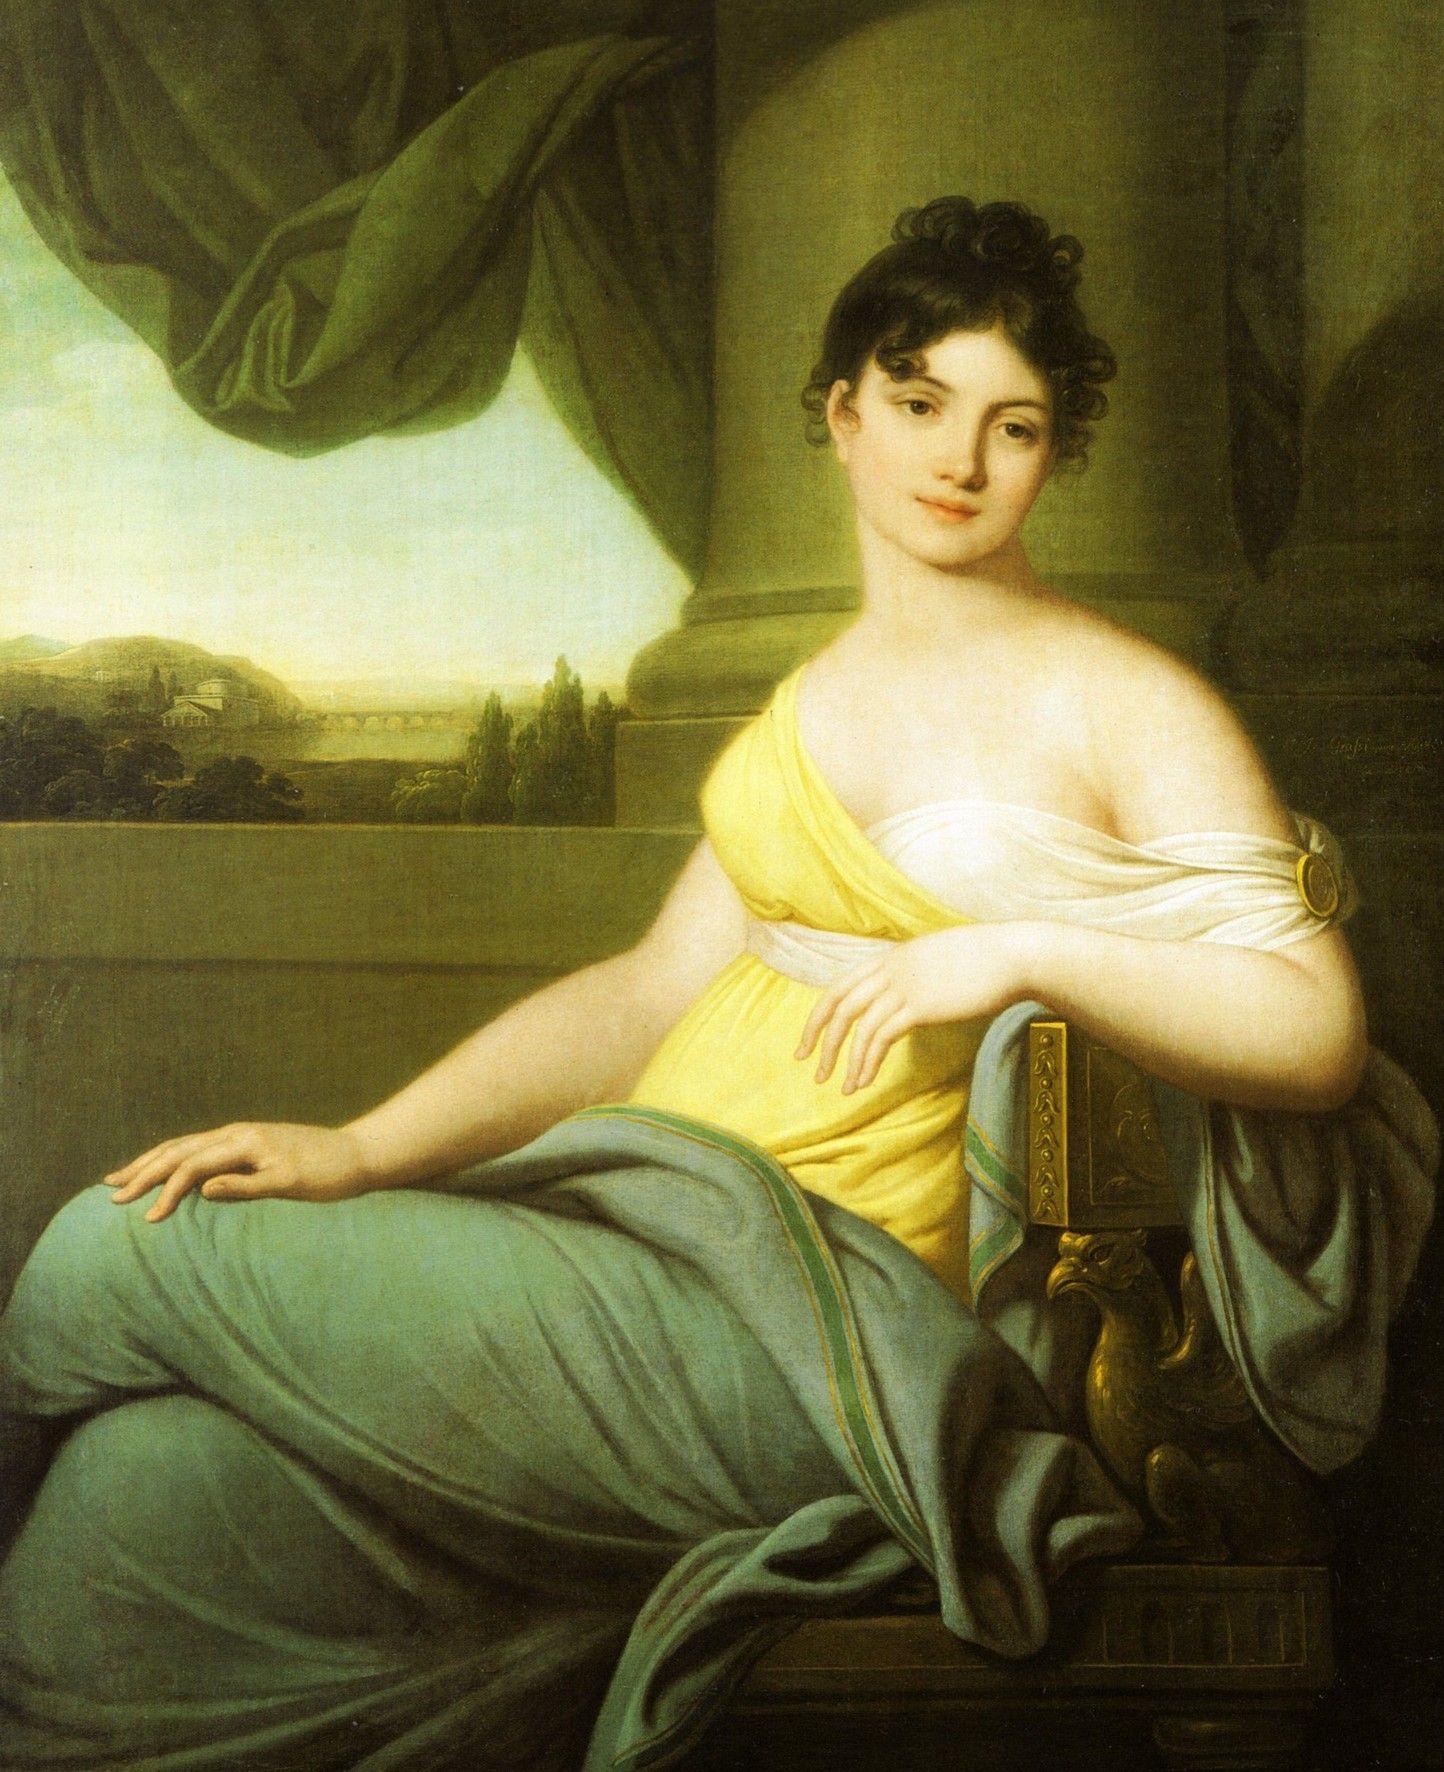 Polska ulubienica cara Aleksandra na obrazie Josefa Marii Grassi (źródło: domena publiczna).